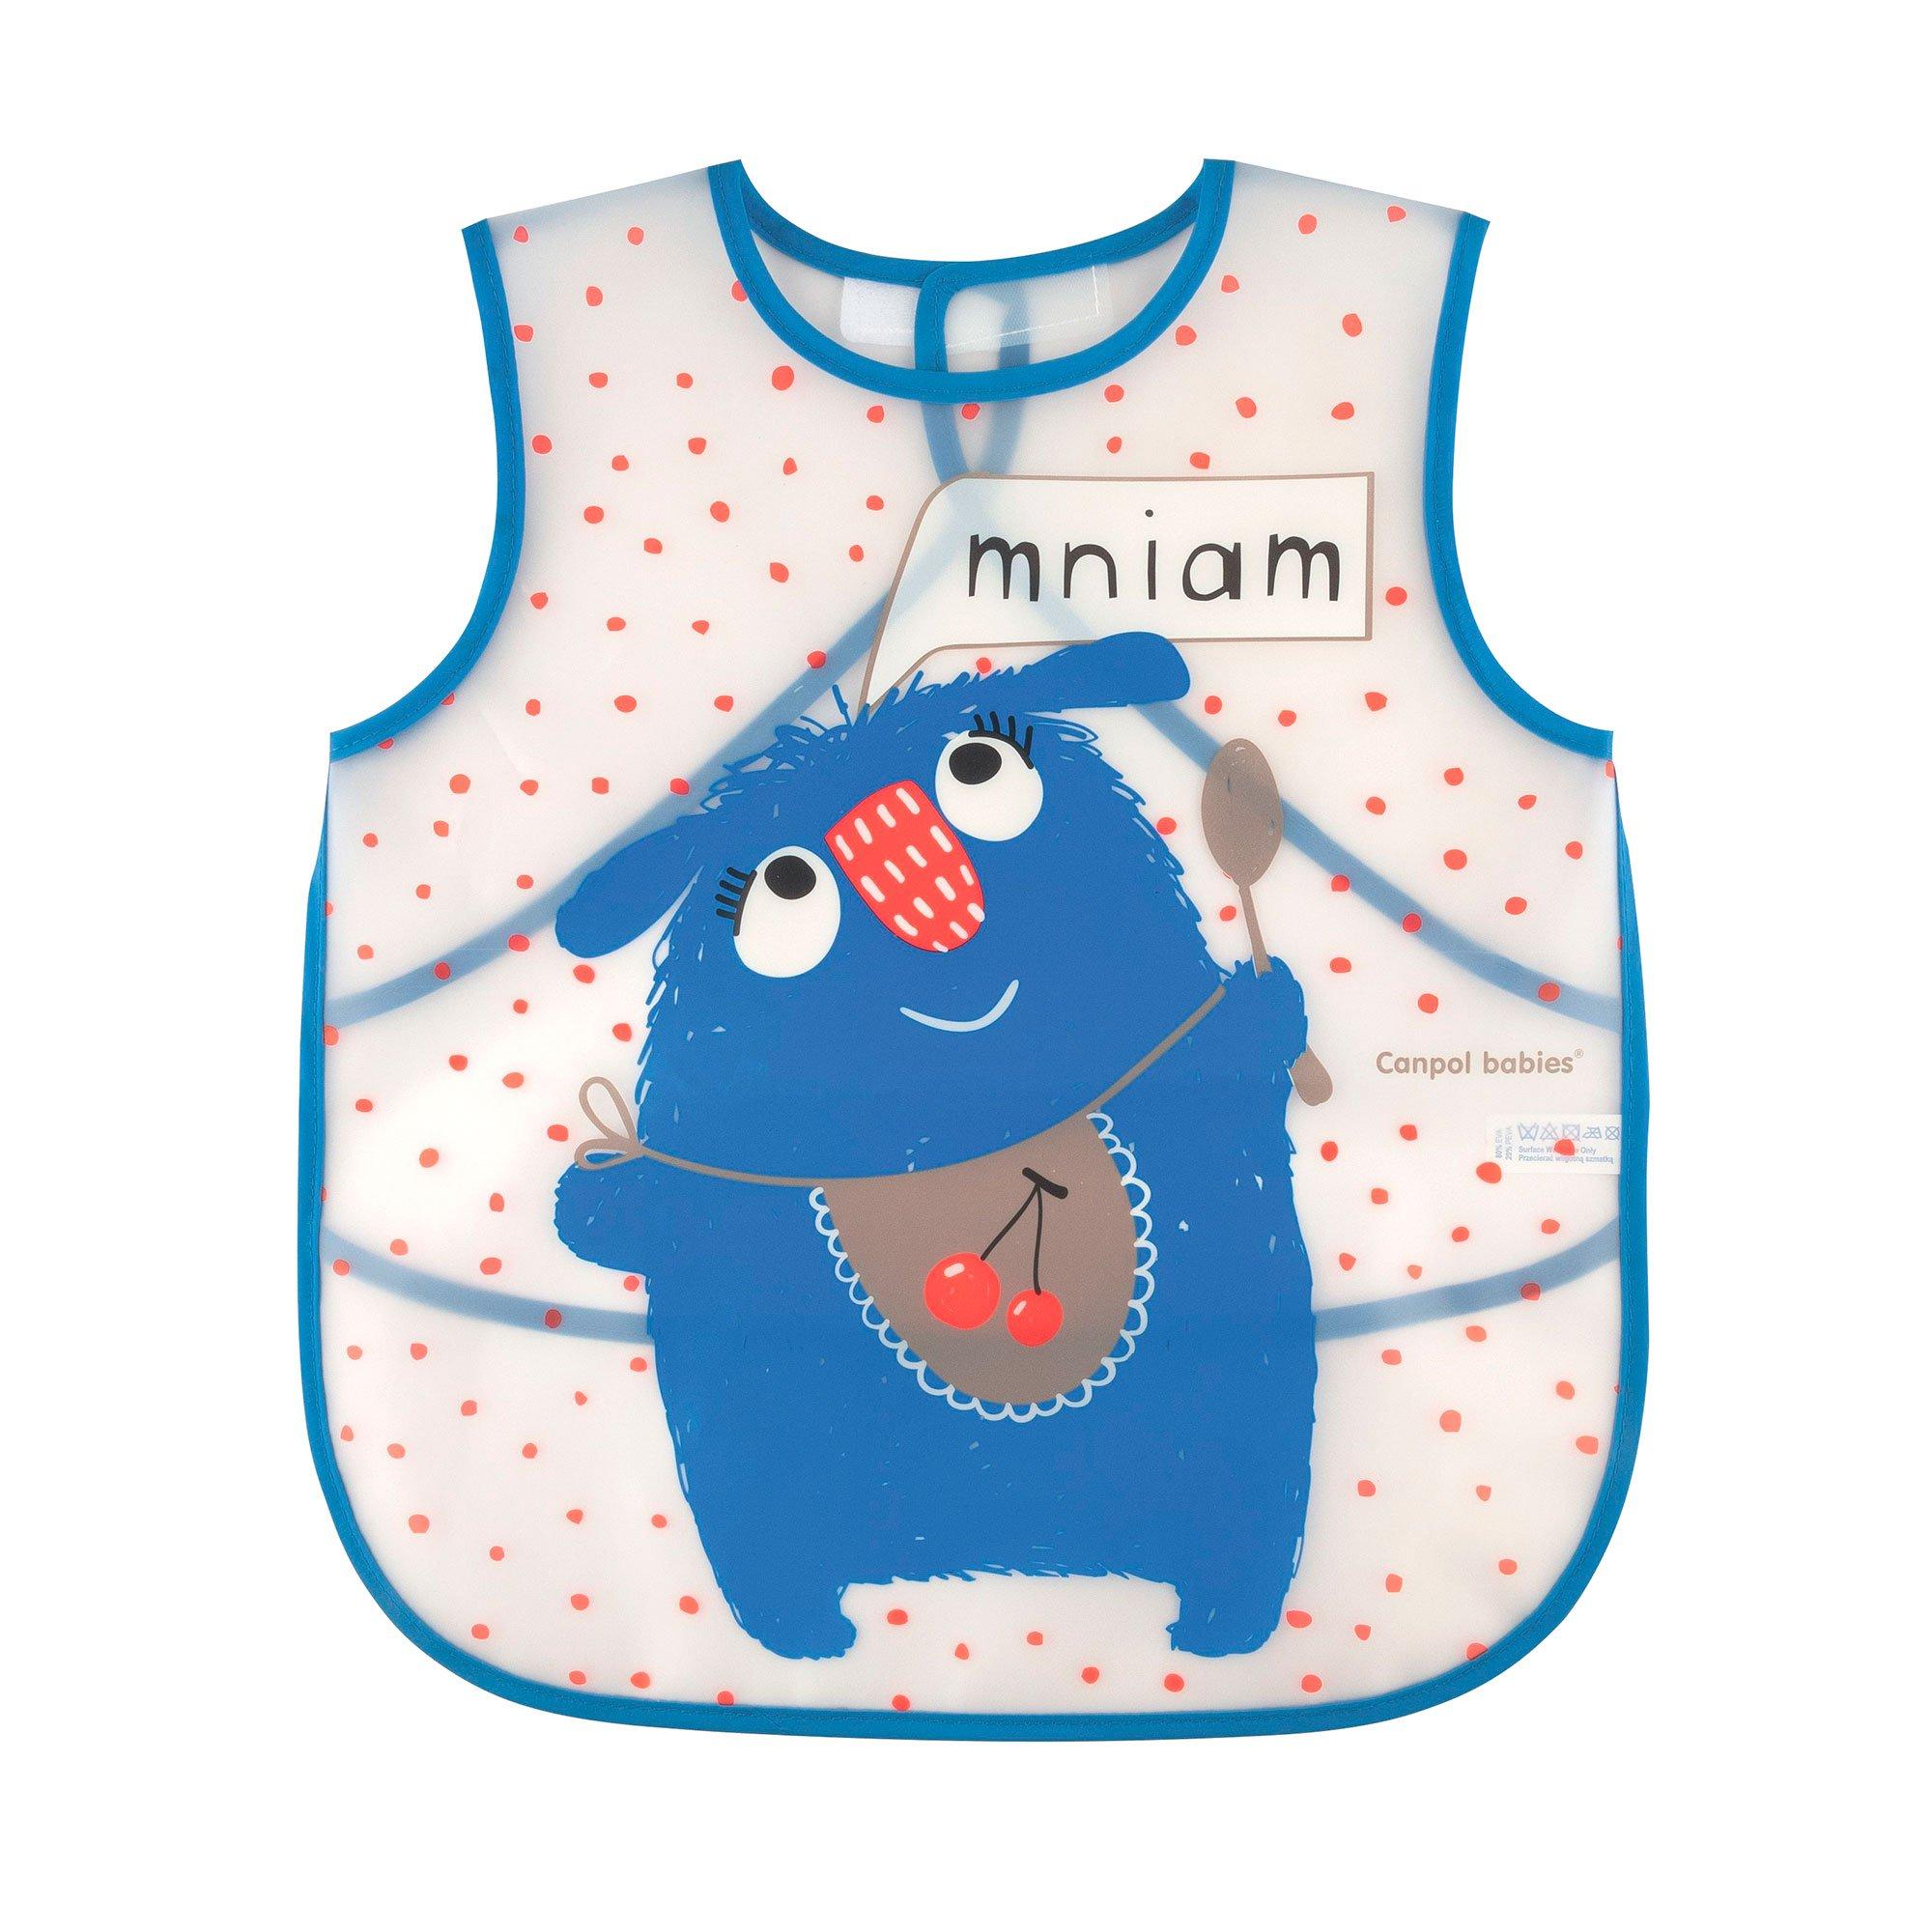 Купить Слюнявчик Canpol babies фартук Монстрики голубой